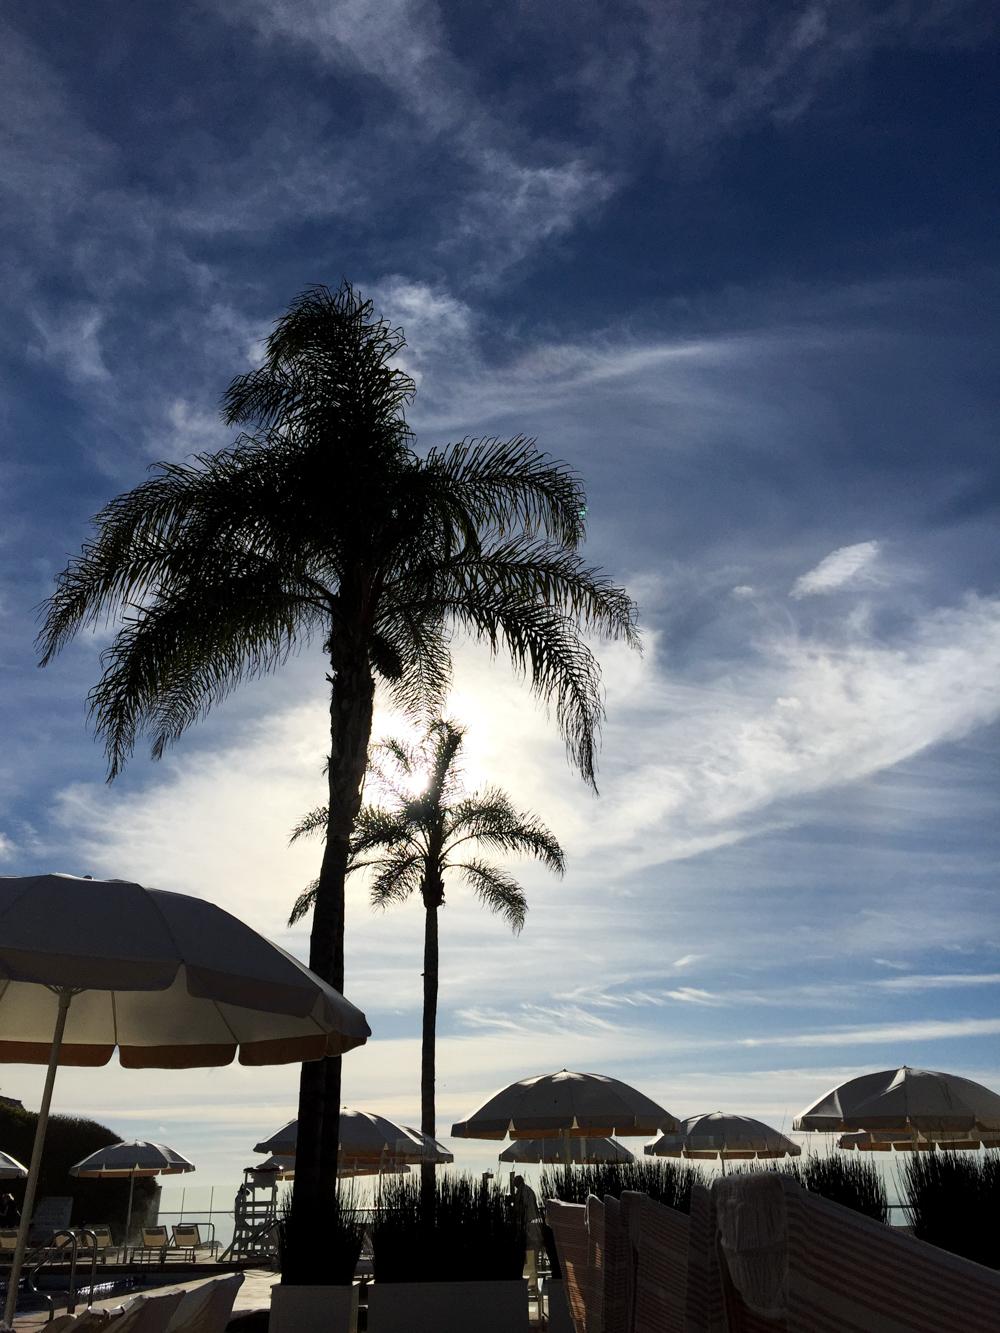 Coral casino beach and cabana best casino in michigan